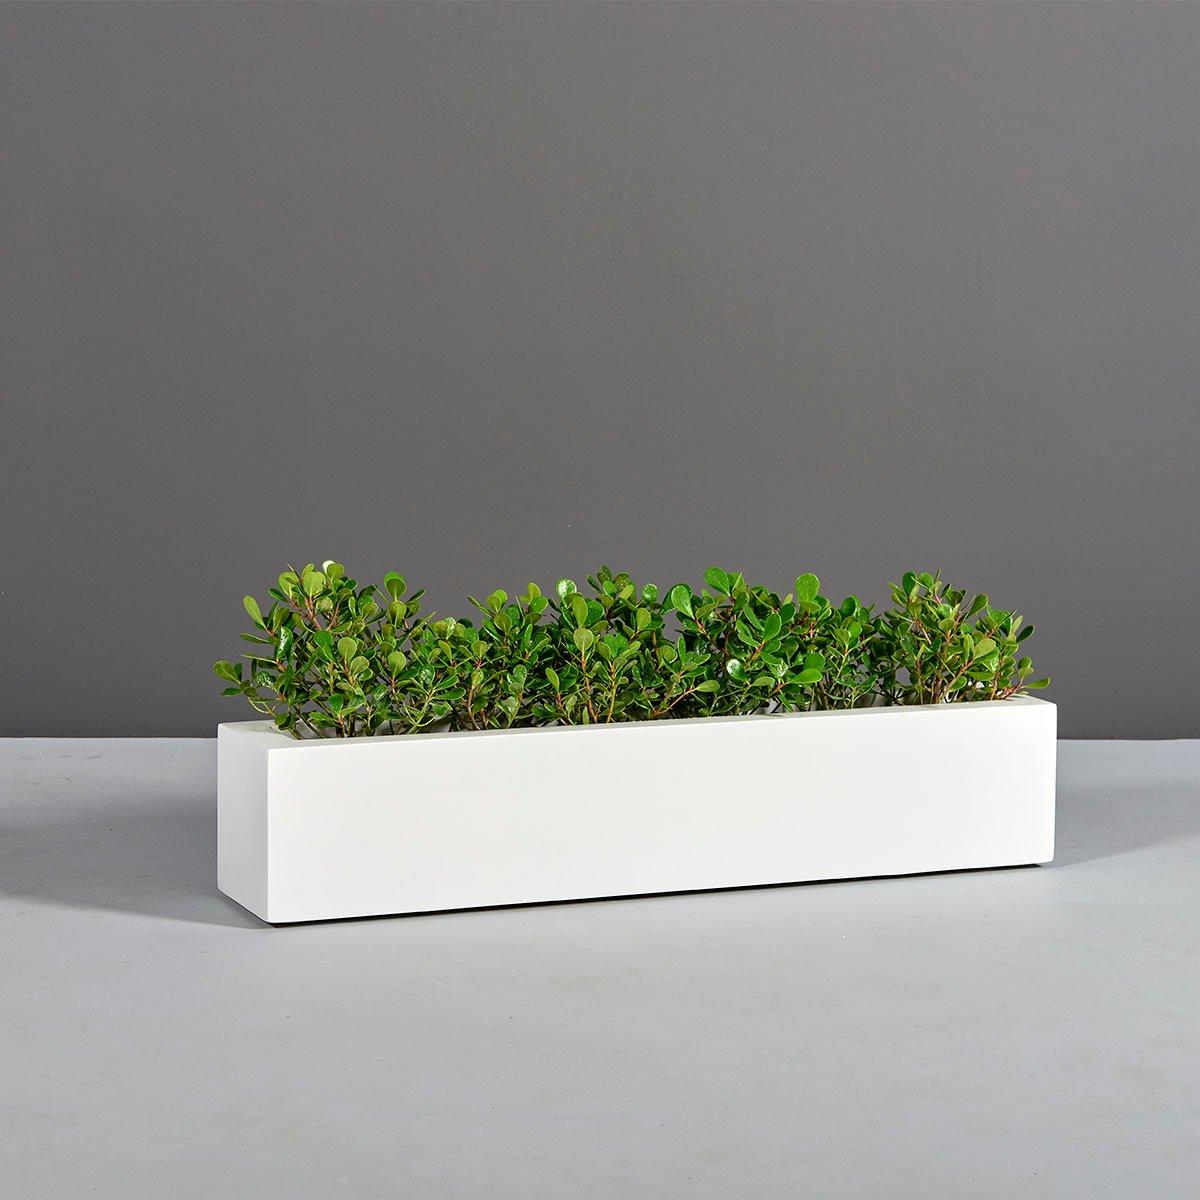 Salon Narrow Low Rectangular Planter